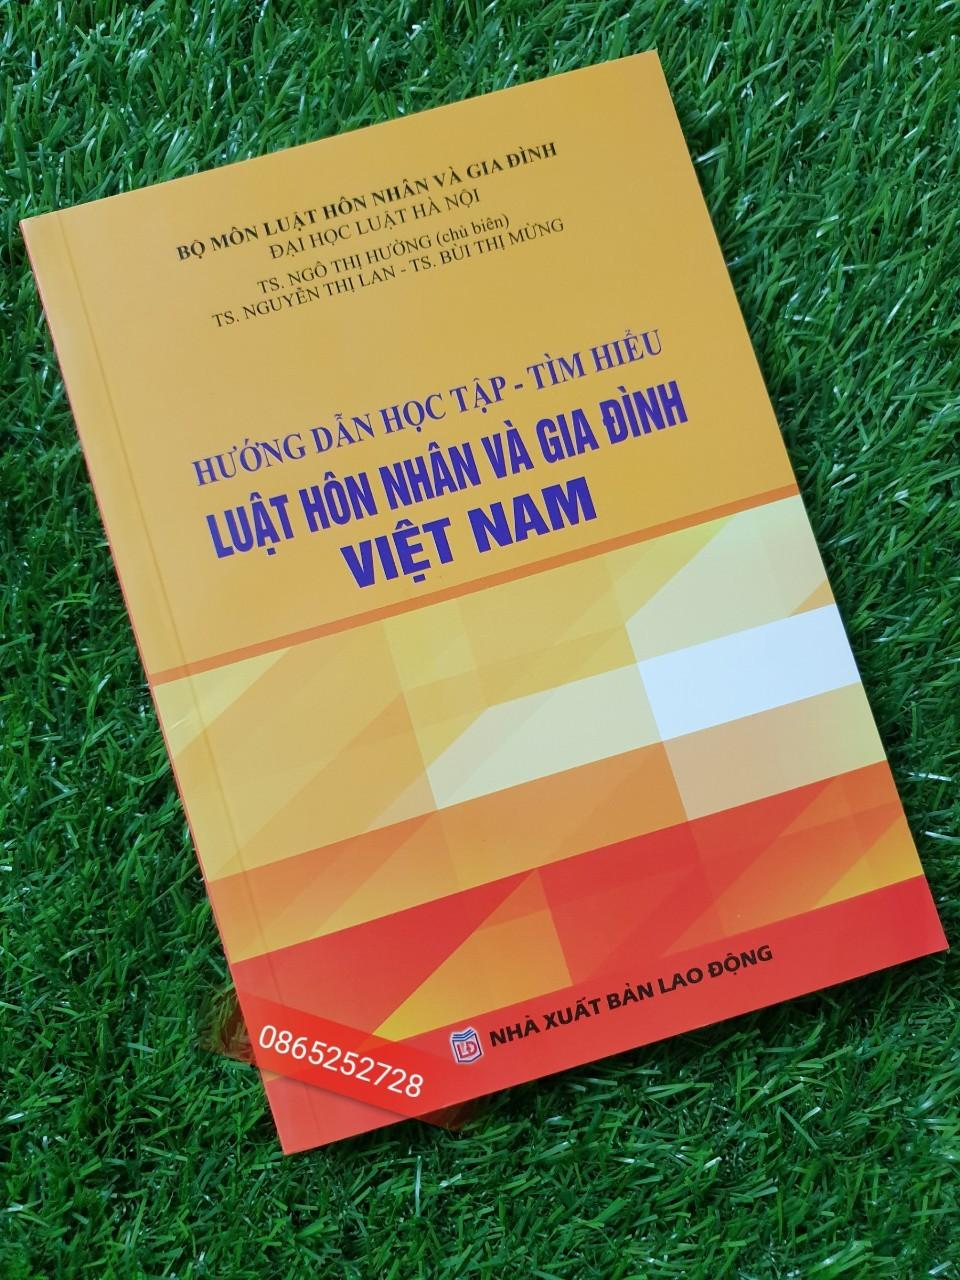 Mua Sách Luật - Hướng dẫn học tập và tìm hiểu - Luật hôn nhân và gia đình Việt Nam